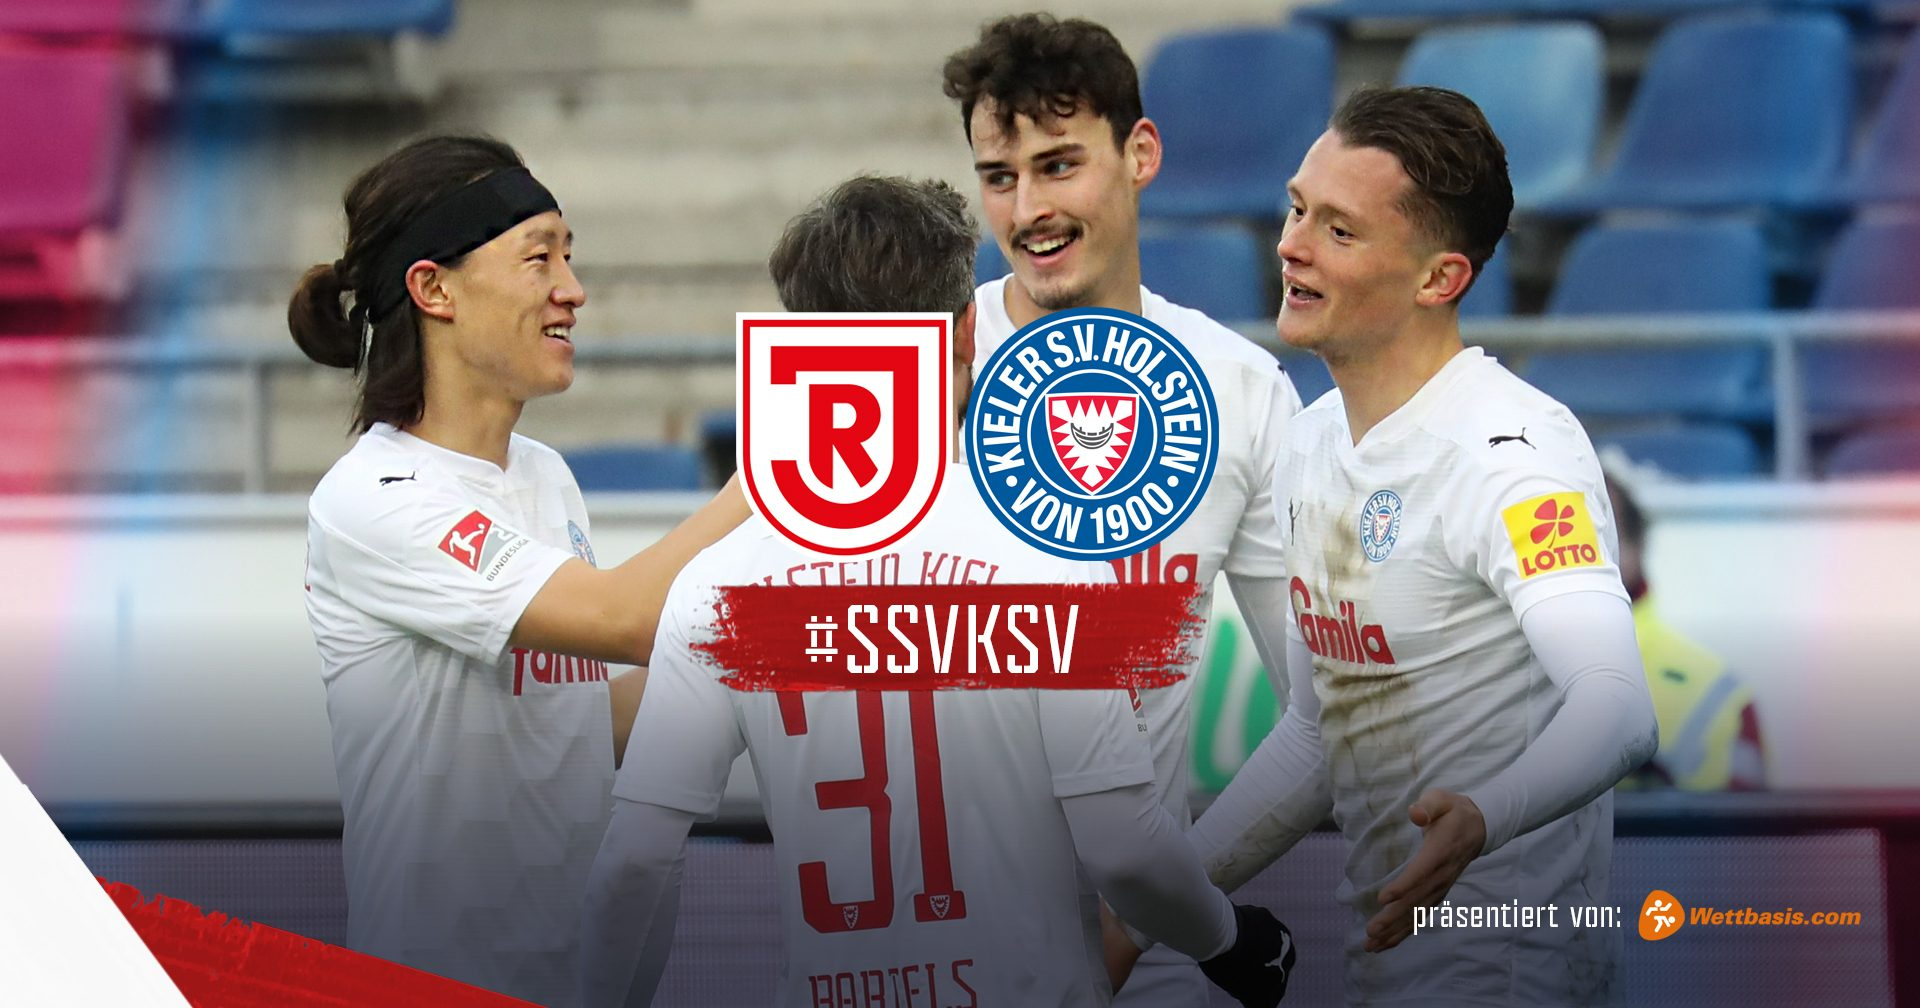 Man sieht das Logo des SSV Jahn Regensburg und das der KSV. Darunter steht der Hashtag der Party: #SSVKSV. Auf dem dahinter liegenden Bild sieht man Lee, Serra, Reese und Bartels jubeln.